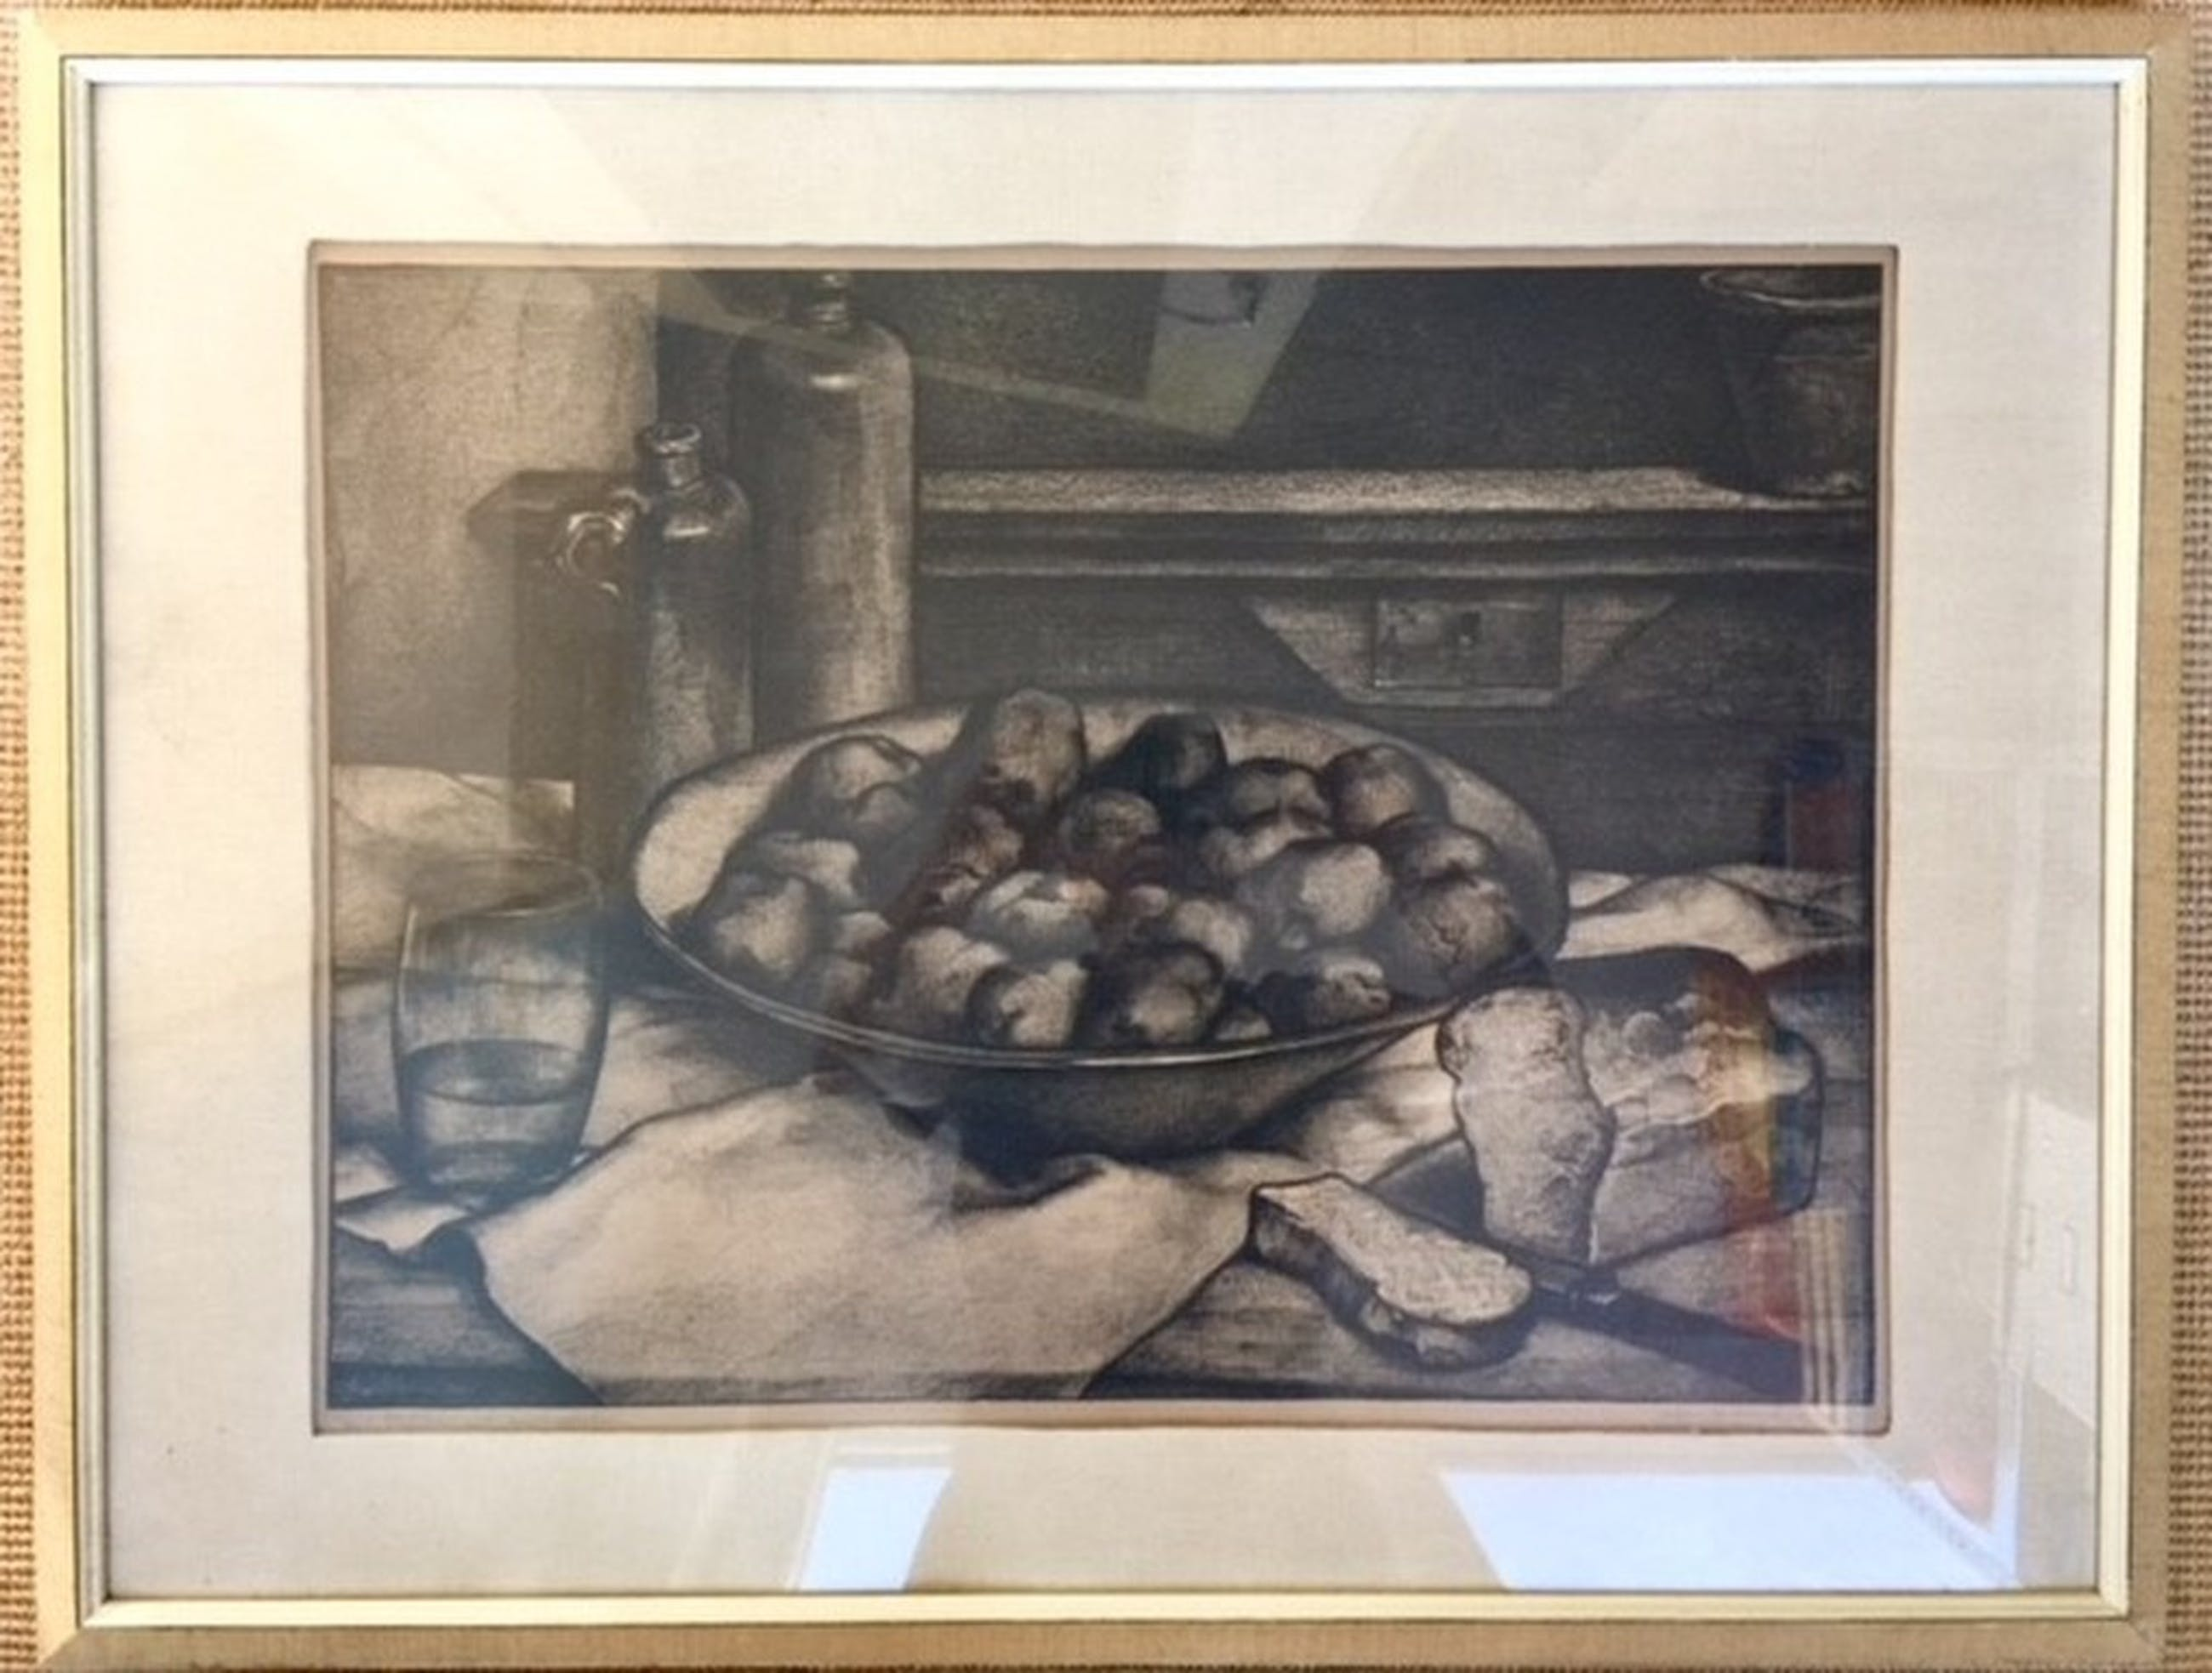 Stilleven met aardappelen, litho, 1930 kopen? Bied vanaf 90!